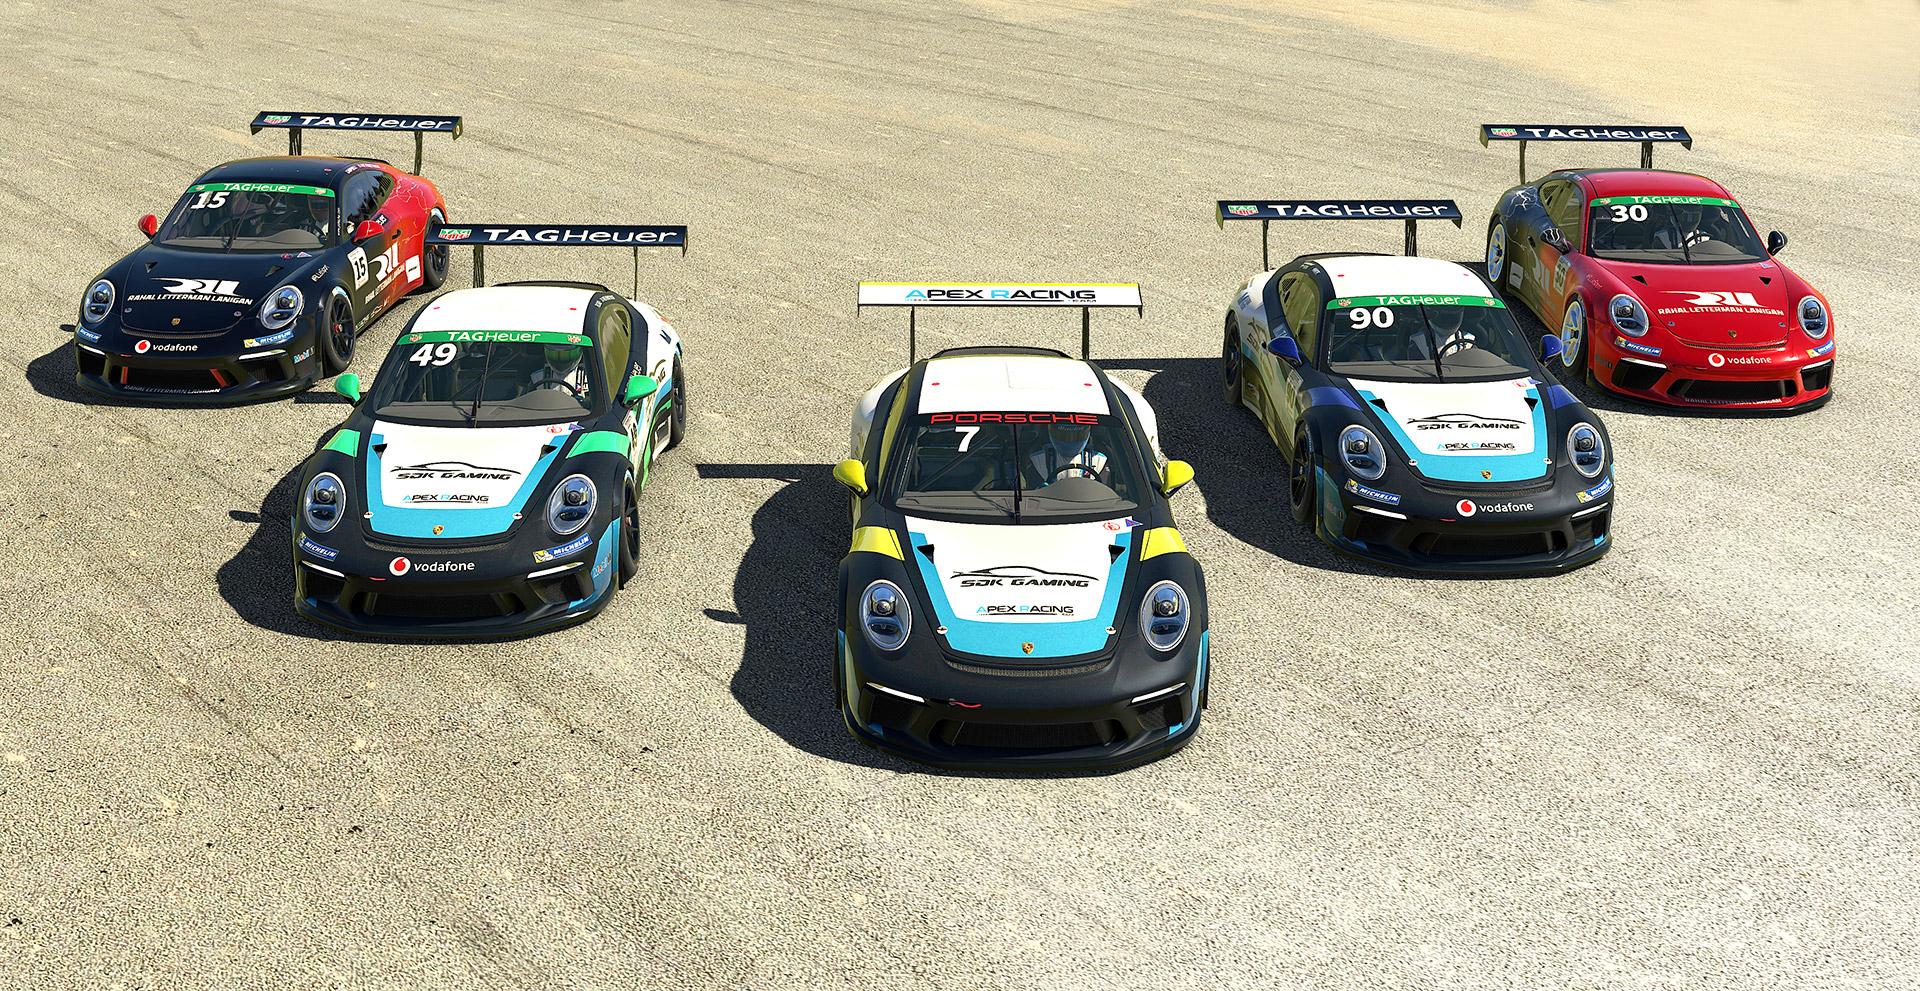 Porsche Tag Heuer eSports Supercup Round 1 – Interlagos